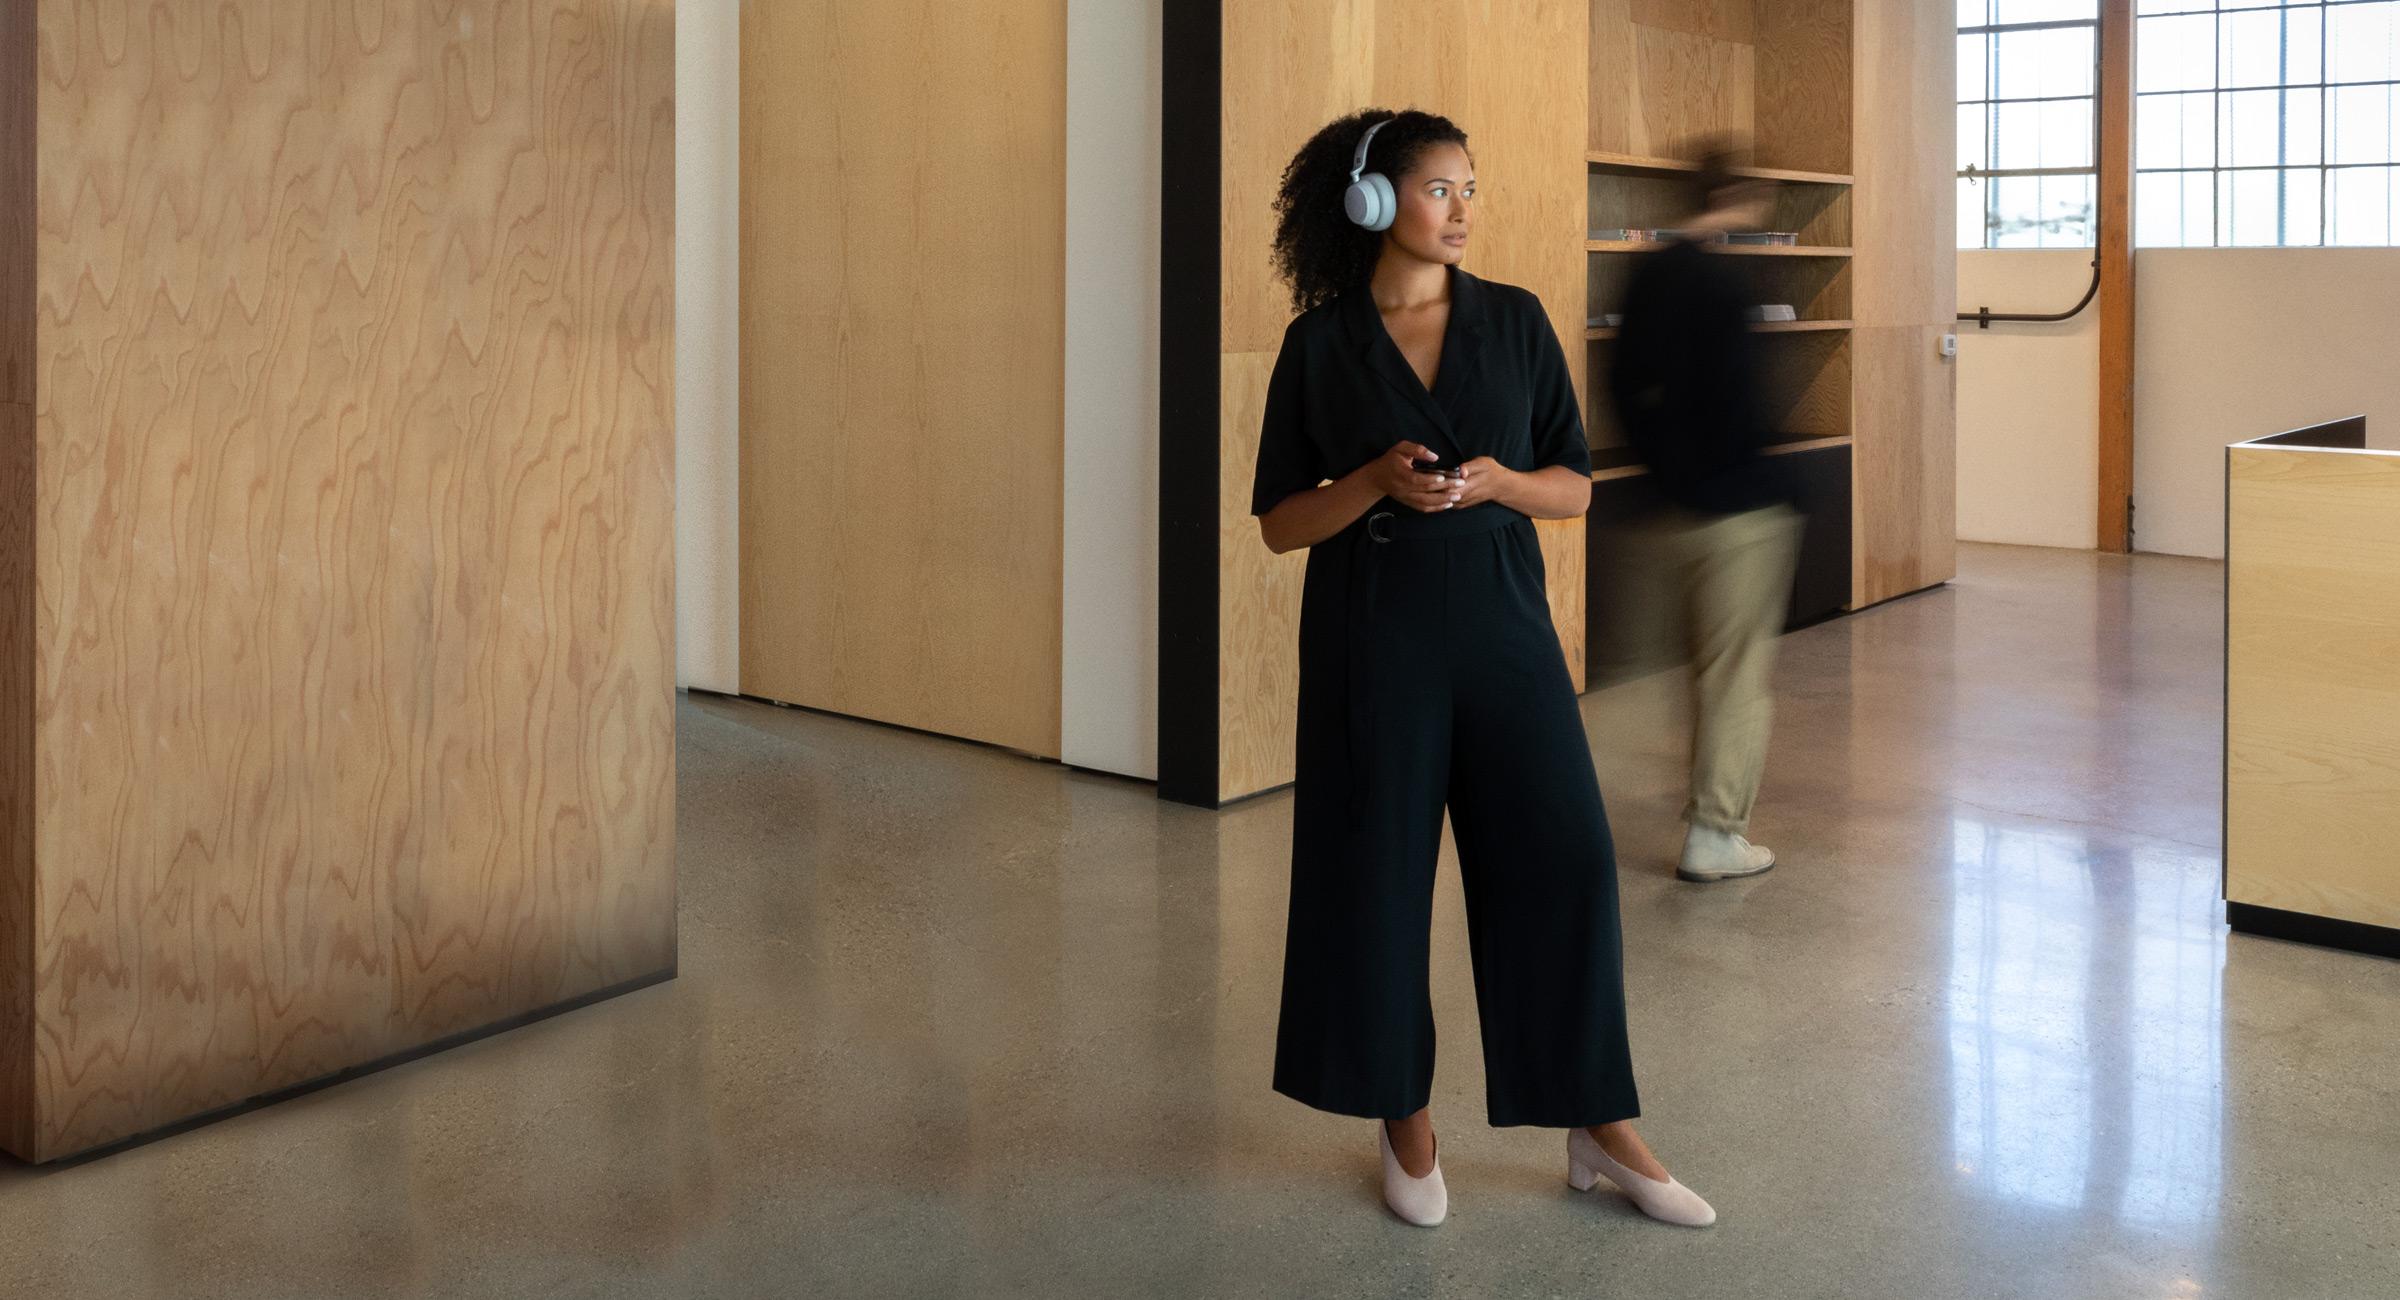 女人头戴 Surface Headphones 站立着